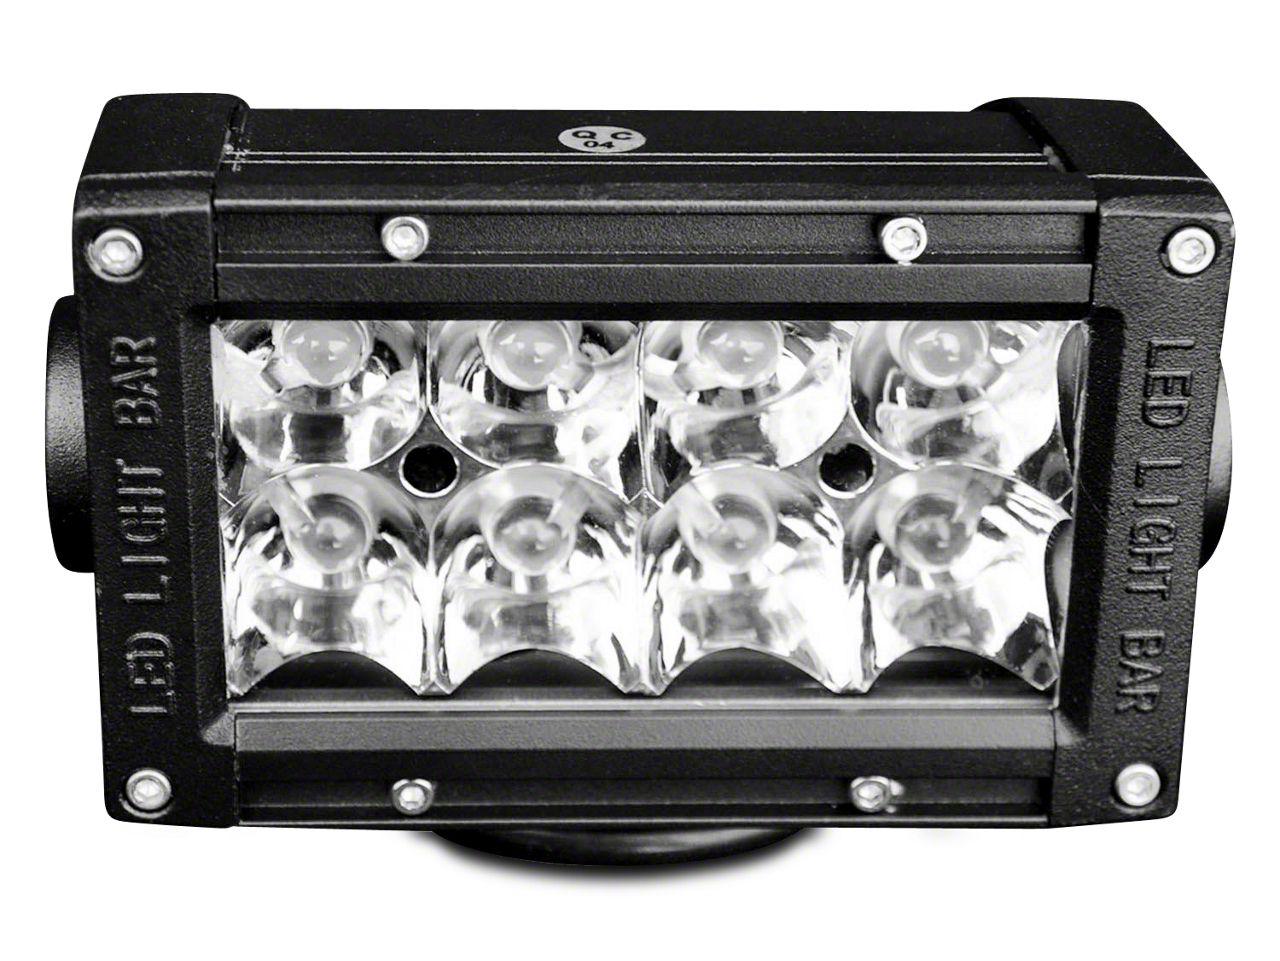 DV8 Off-Road 5 in. Chrome Series LED Light Bar - Flood/Spot Combo